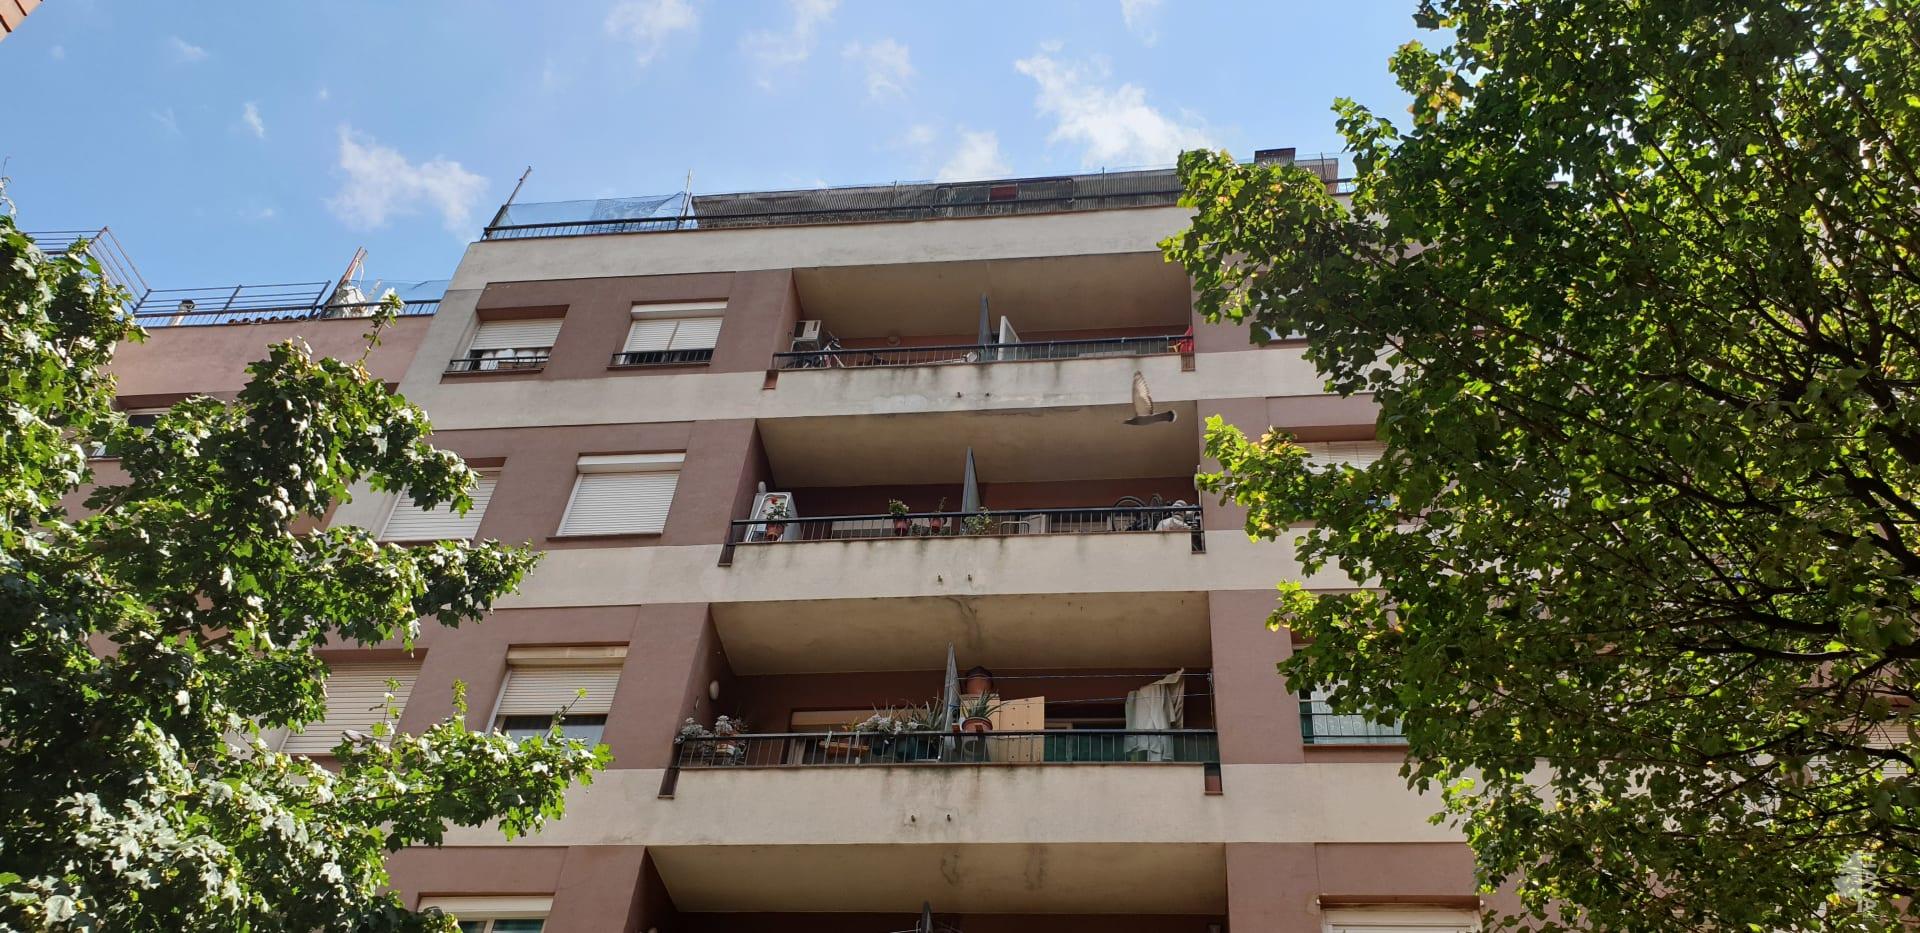 Piso en venta en Salt, Girona, Calle Angel Guimera, 59.399 €, 3 habitaciones, 1 baño, 59 m2